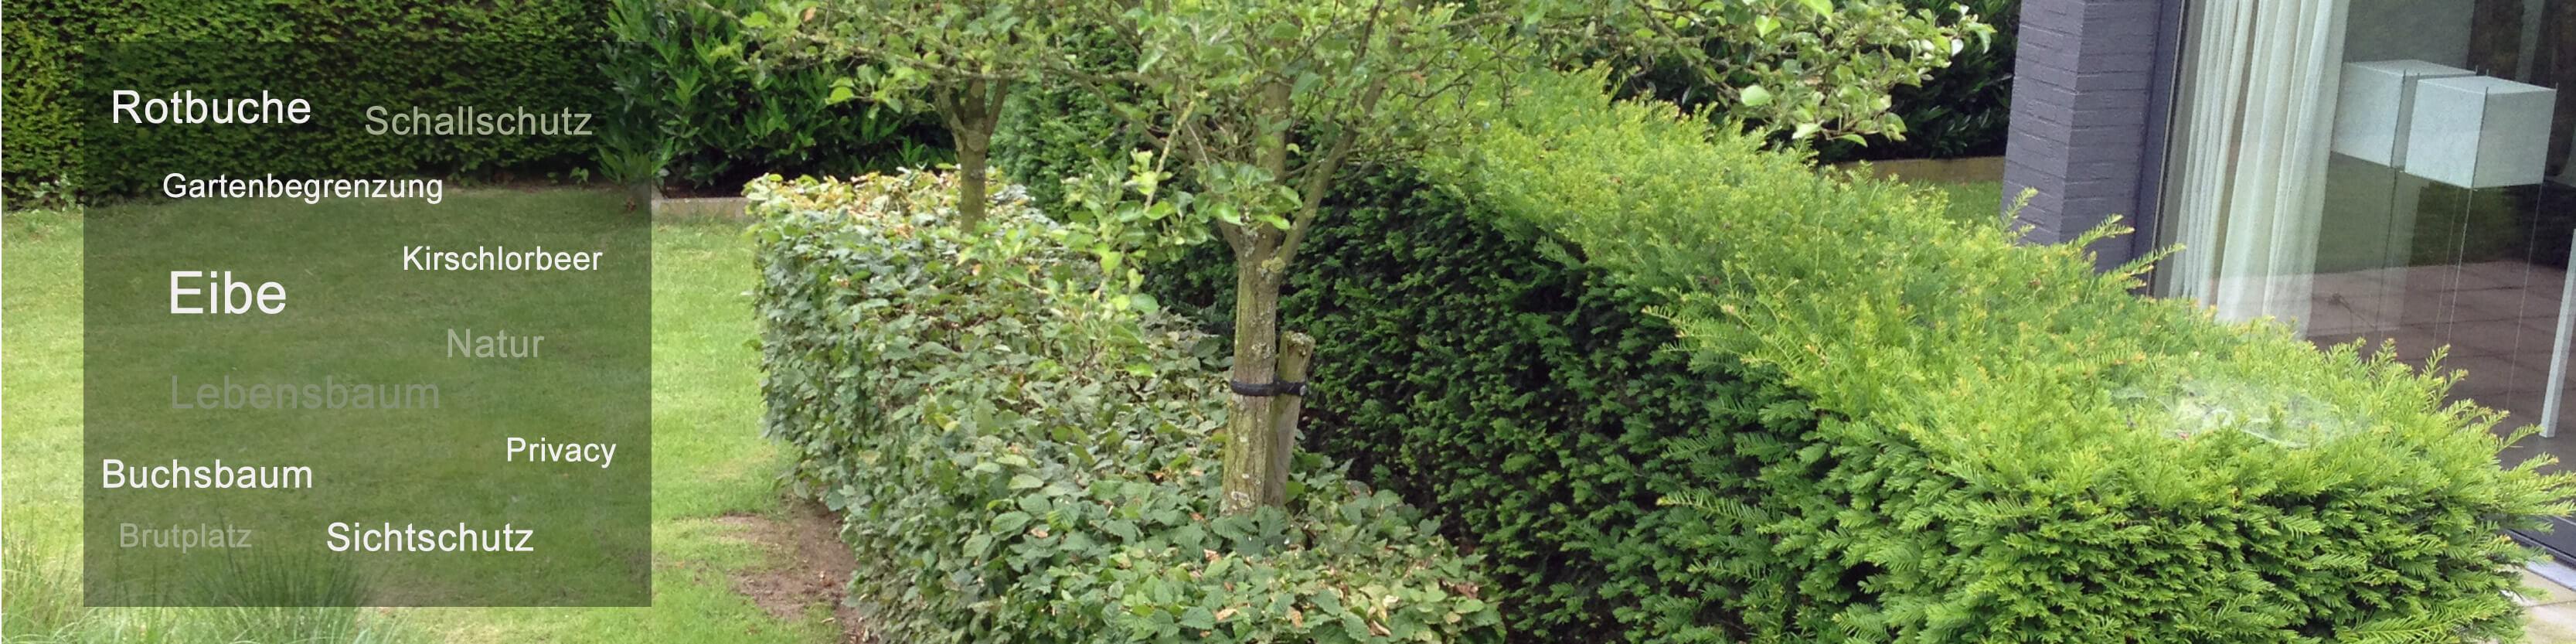 Heckenpflanzen von Intragarten Thuja ab 1 50 Euro